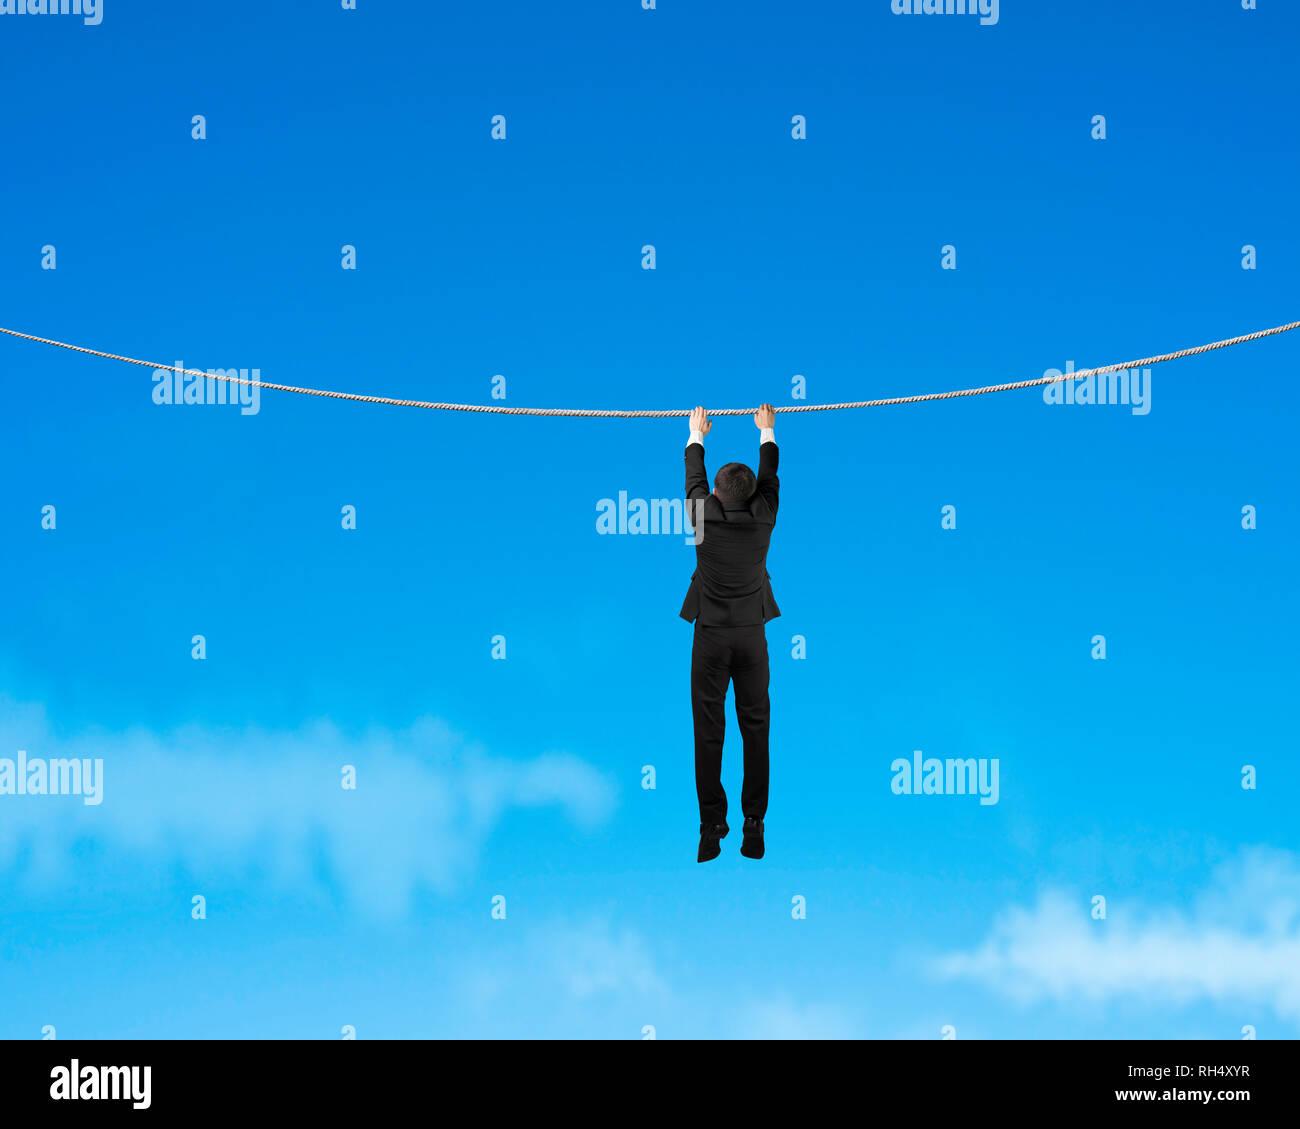 Empresario sosteniendo la cuerda y colgando en el cielo azul Imagen De Stock